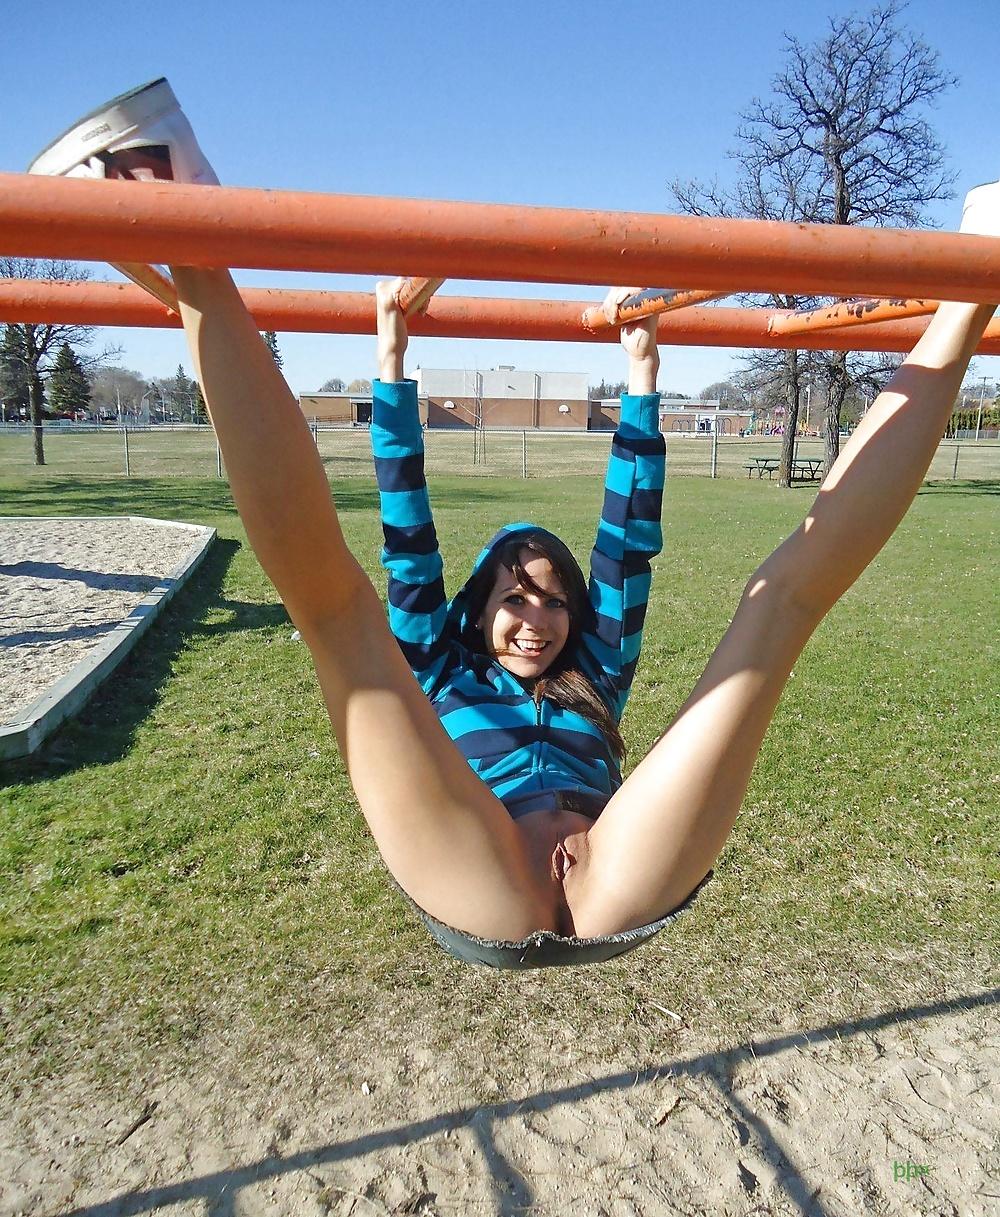 Chicas enseñando el coño en lugares públicos 14